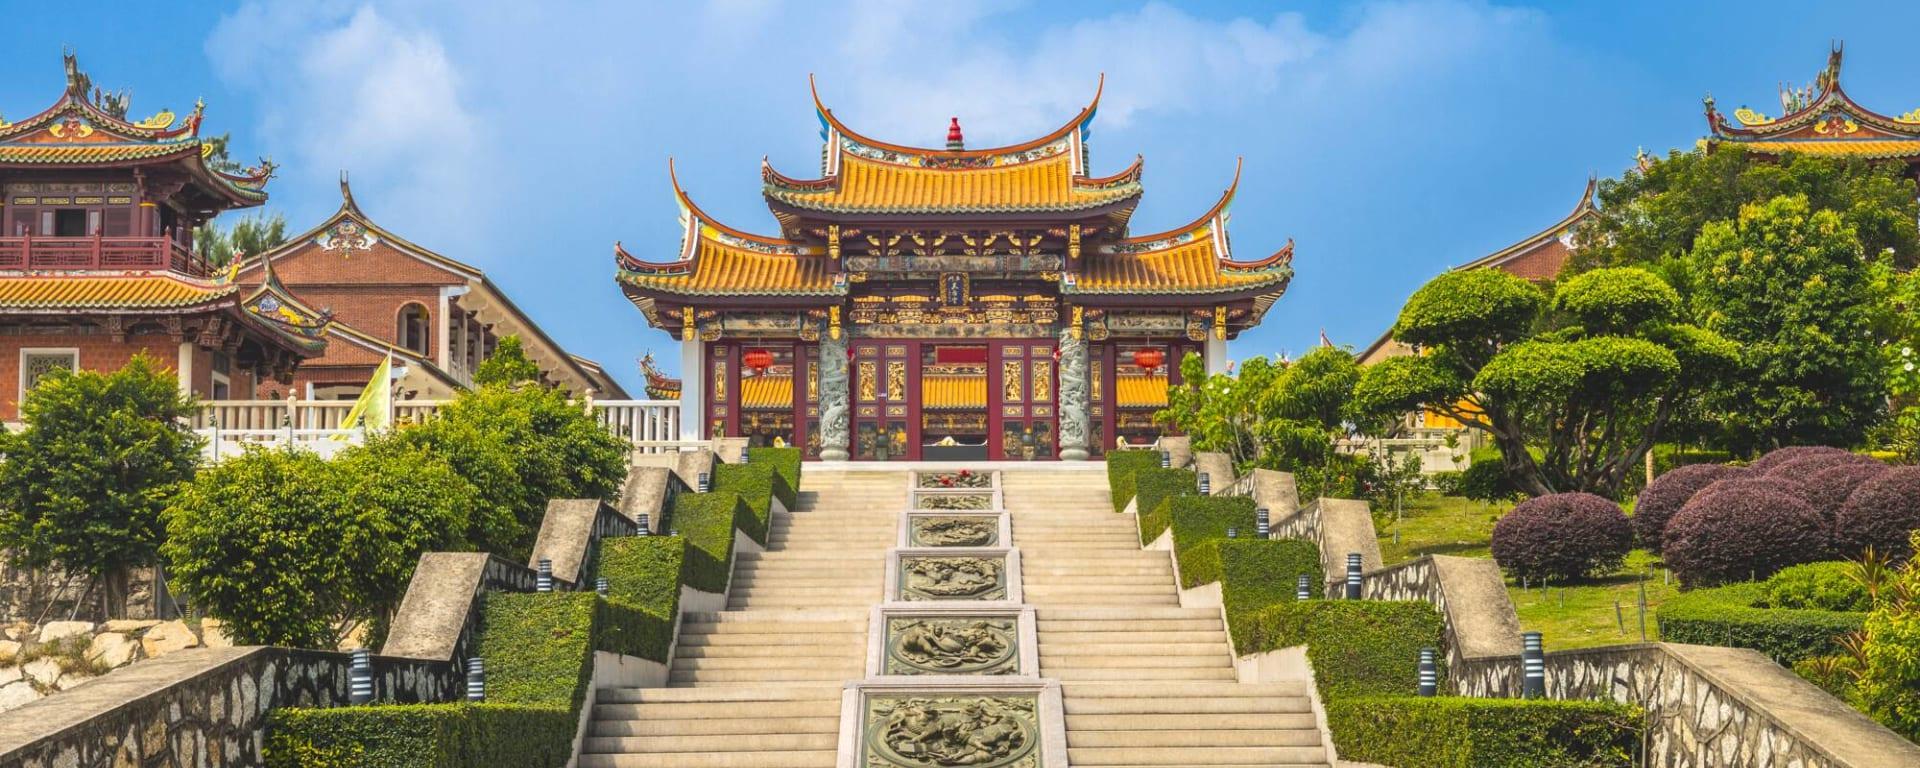 Macau entdecken mit Tischler Reisen: Macau Ama Cultural Village